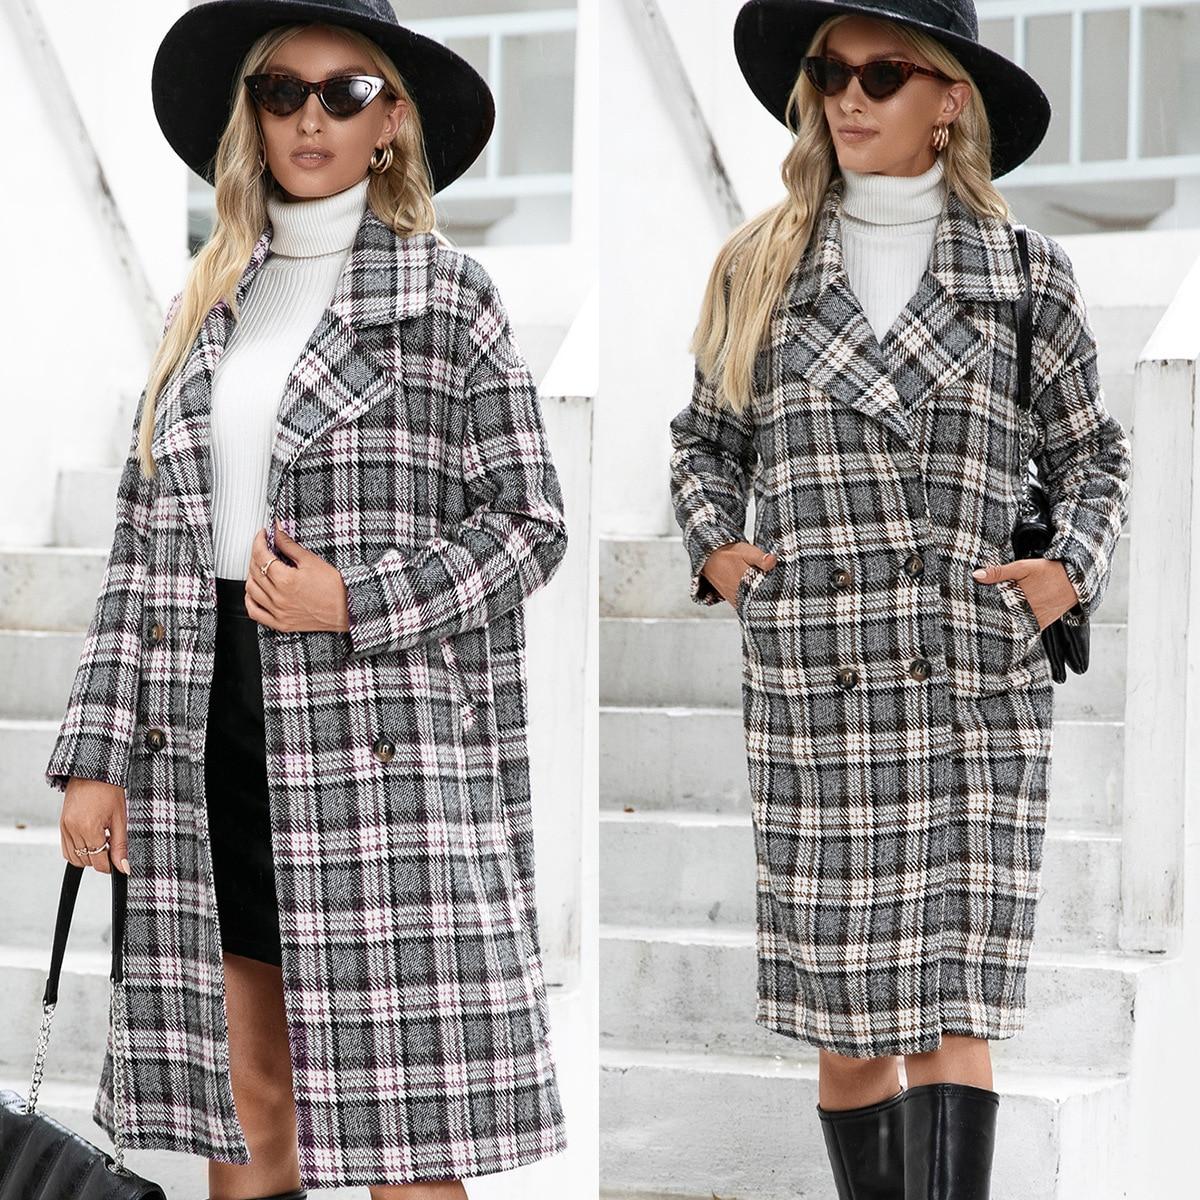 Осенне-зимняя твидовая куртка 2021, модная спортивная куртка, популярная куртка, Женская Осенняя Повседневная Женская одежда, Женская куртка